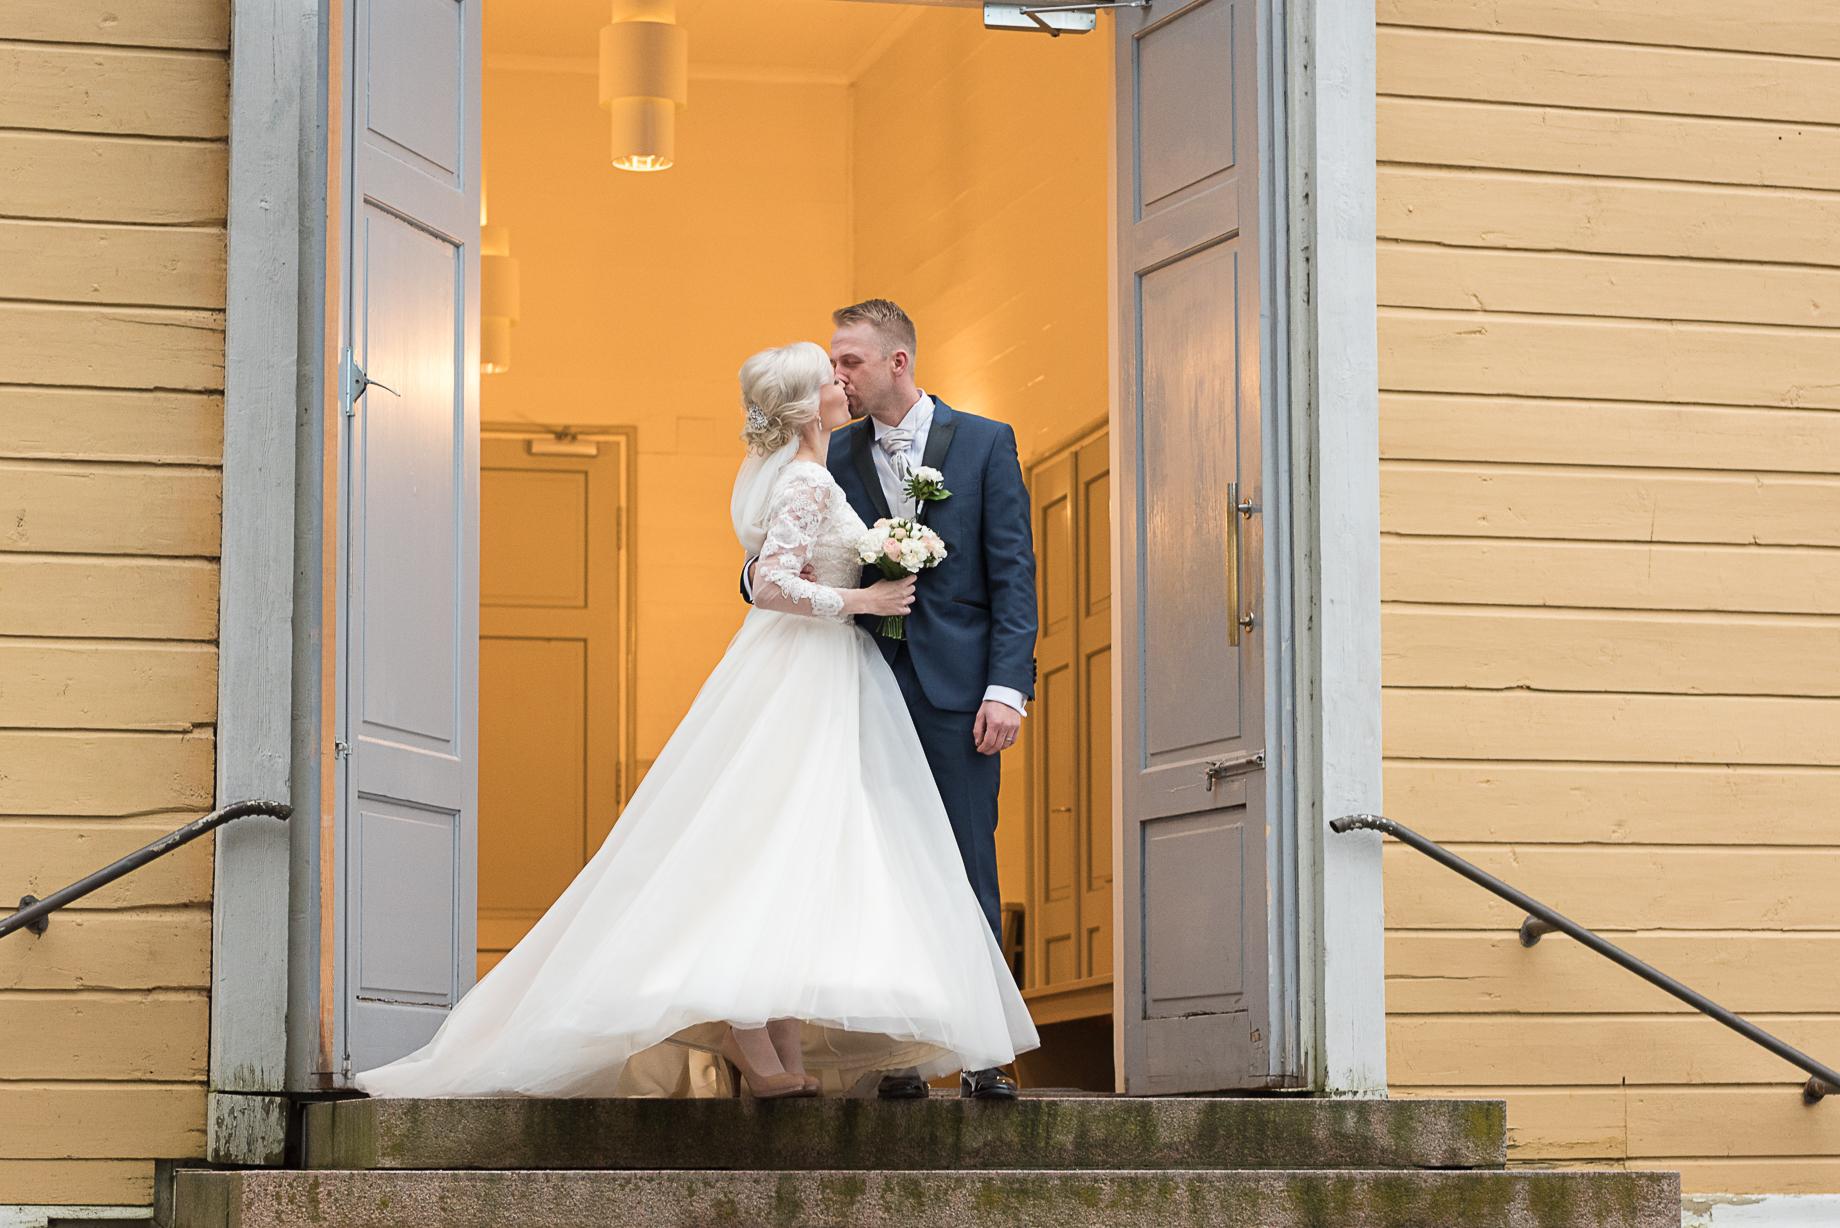 Vihkiparin suudelma kirkon portailla